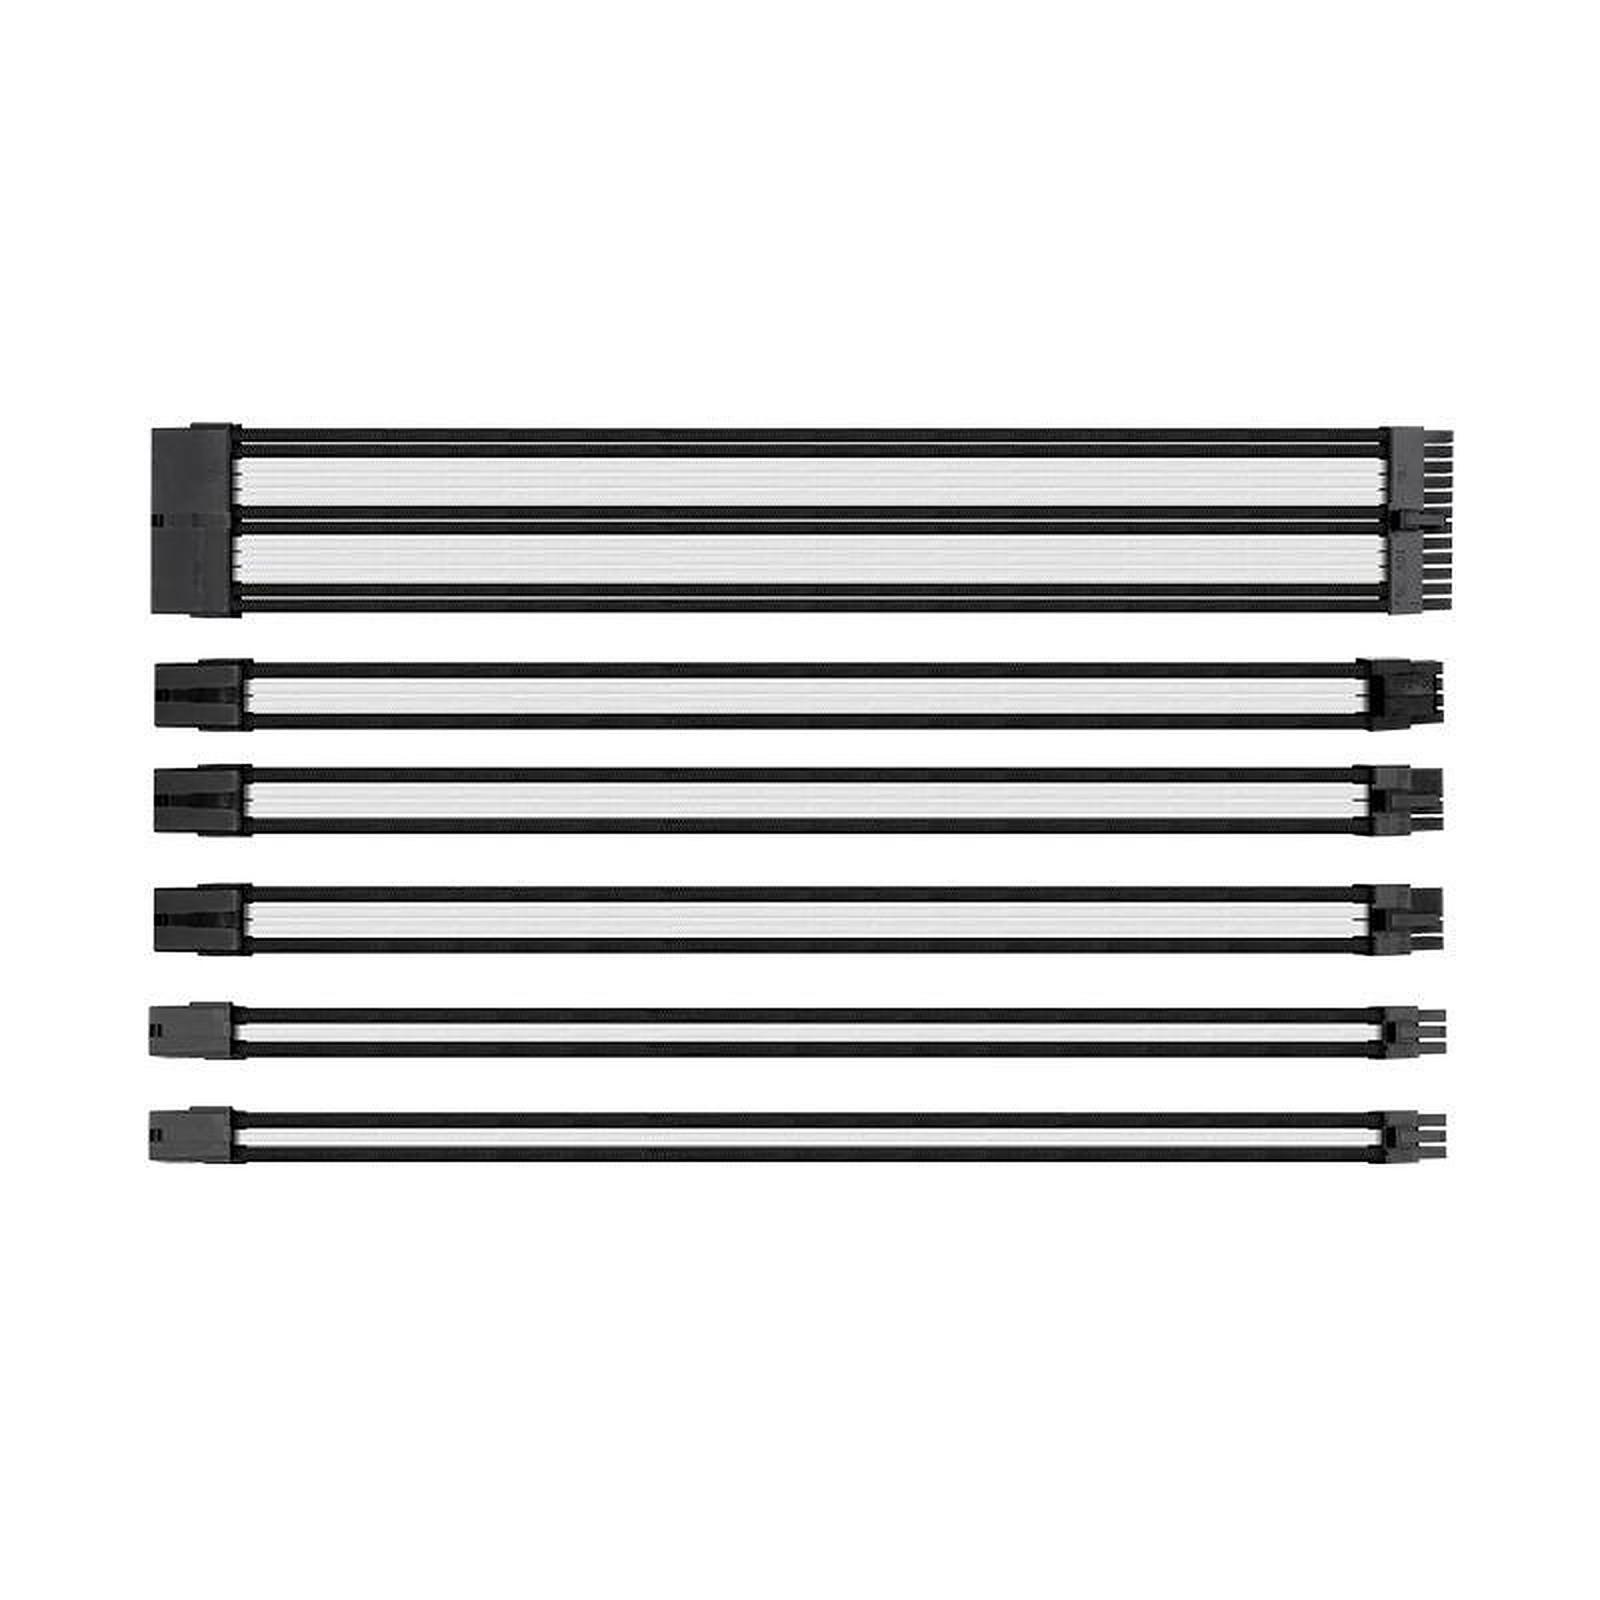 Thermaltake TtMod Sleeve Cable (Extension Câble Tressé) - Blanc et Noir